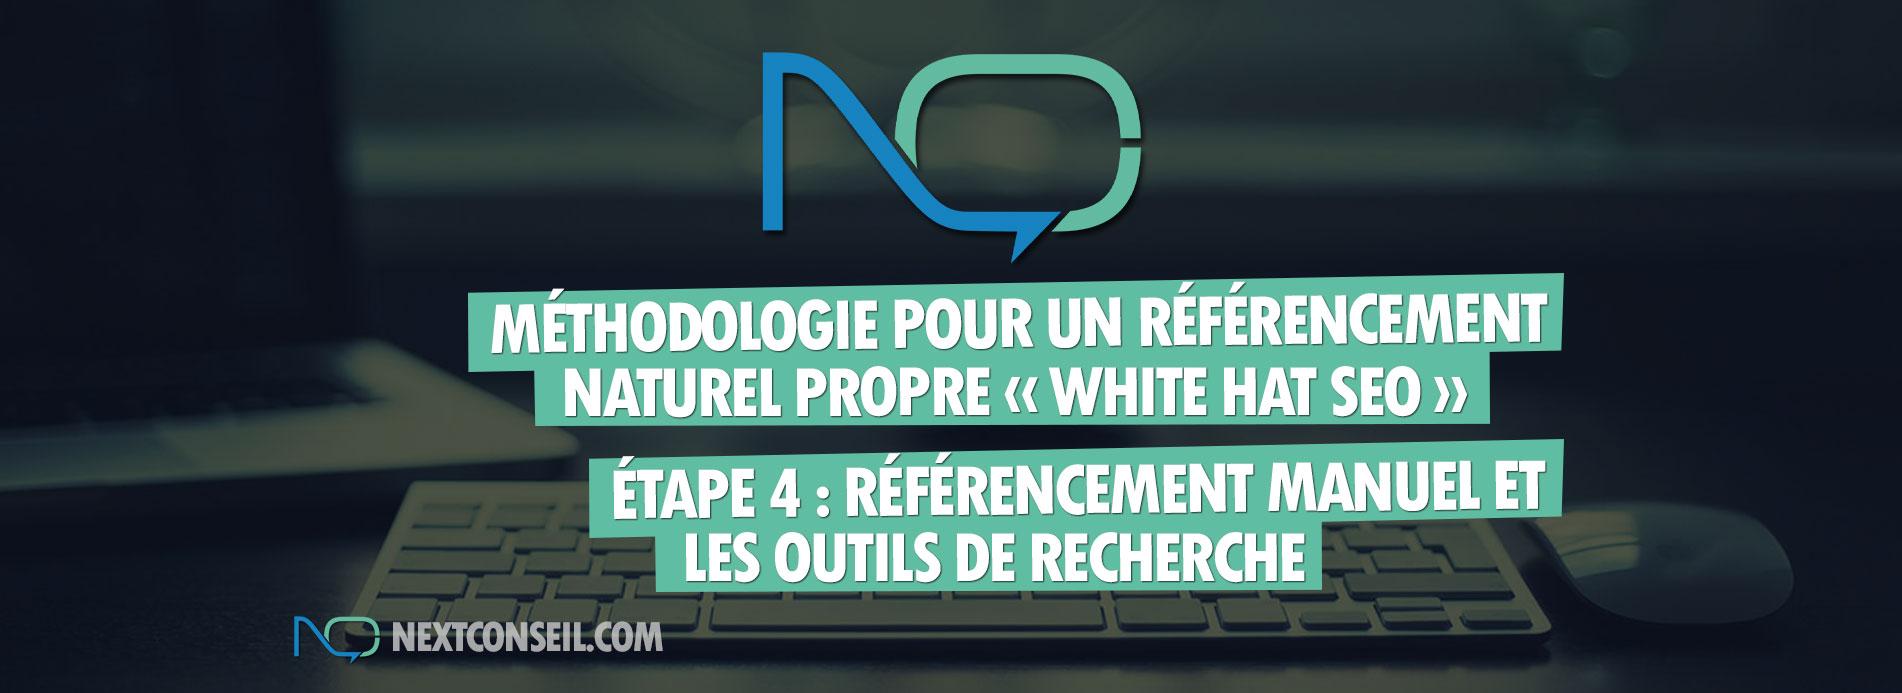 Méthodologie pour un référencement naturel white hat seo - Etape 4